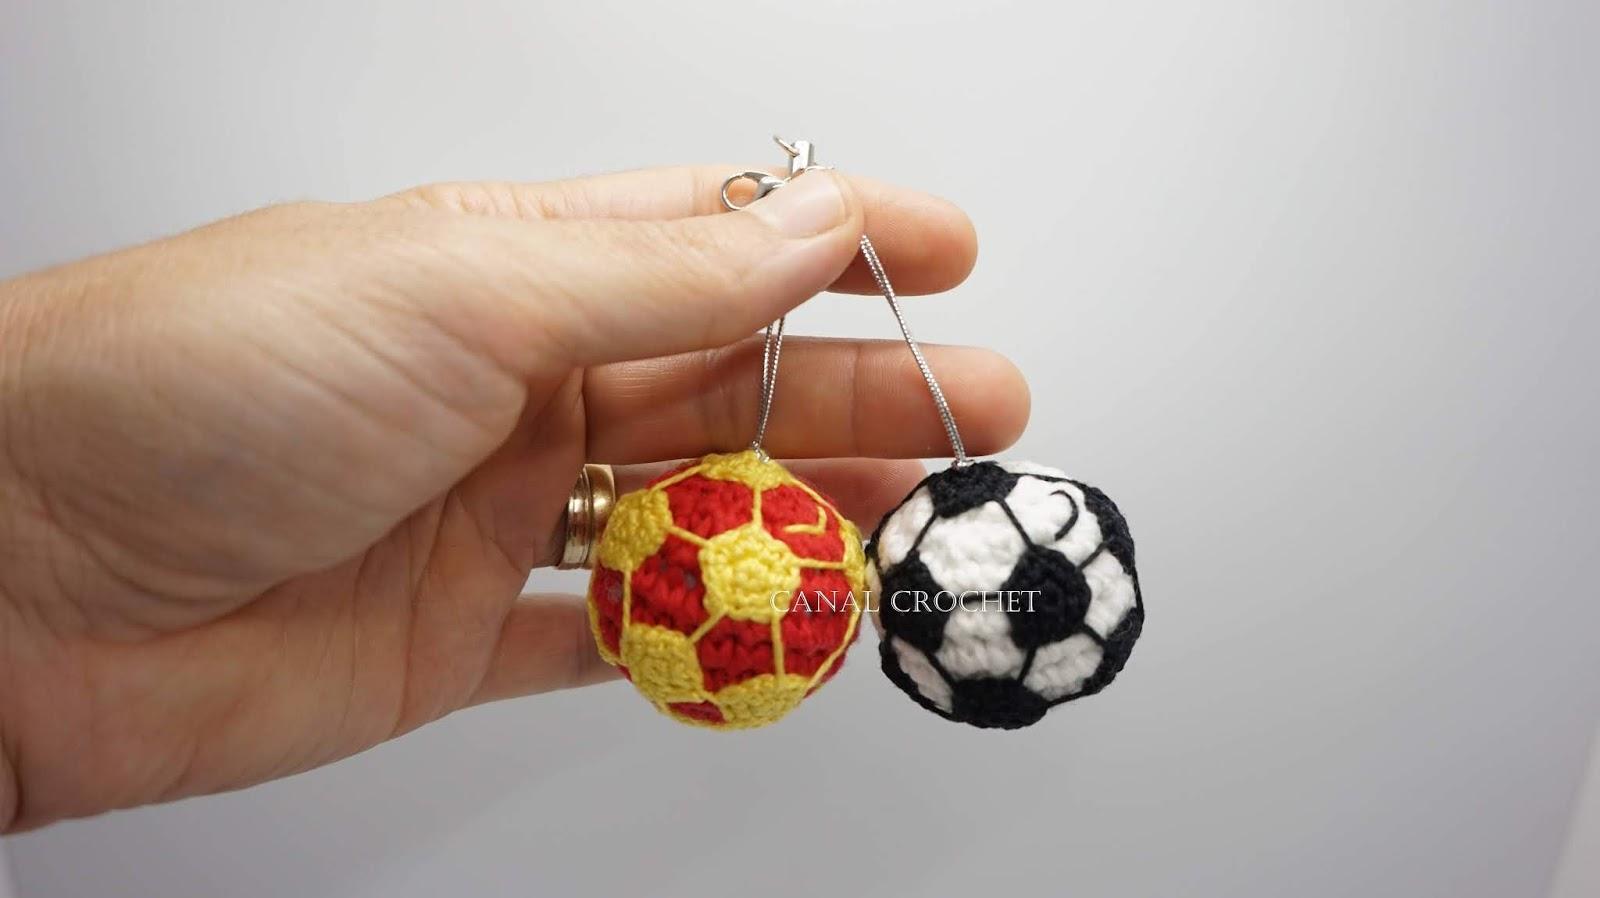 CANAL CROCHET: Balón de fútbol llavero amigurumi tutorial